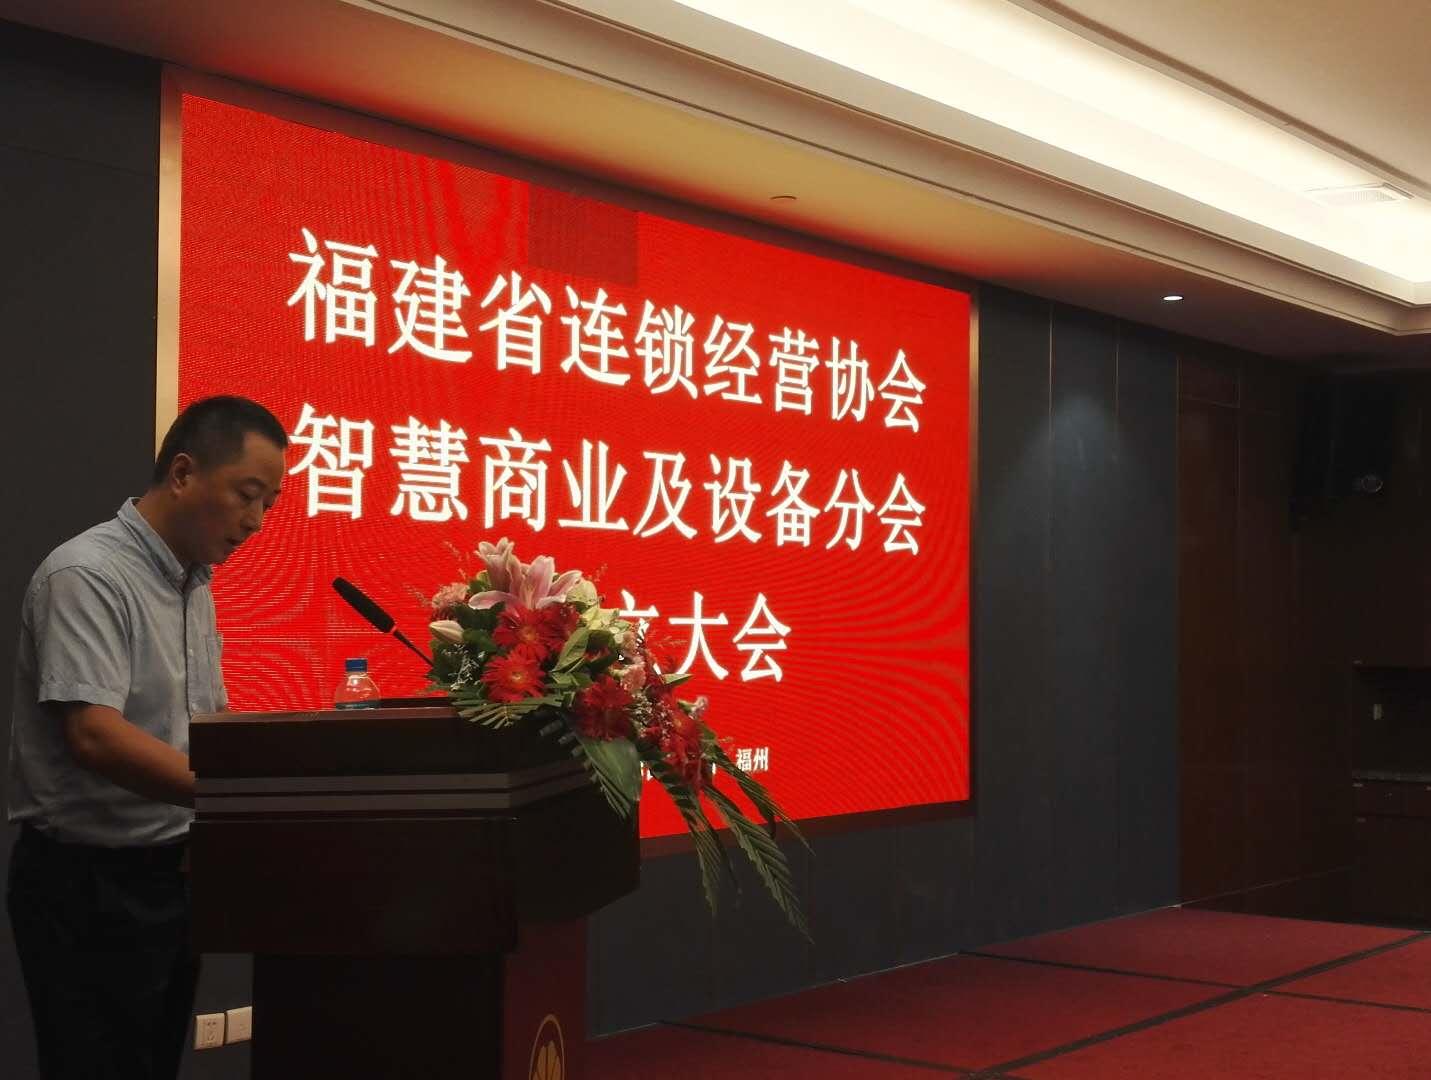 福建省连锁经营协会智慧商业及设备分会正式成立